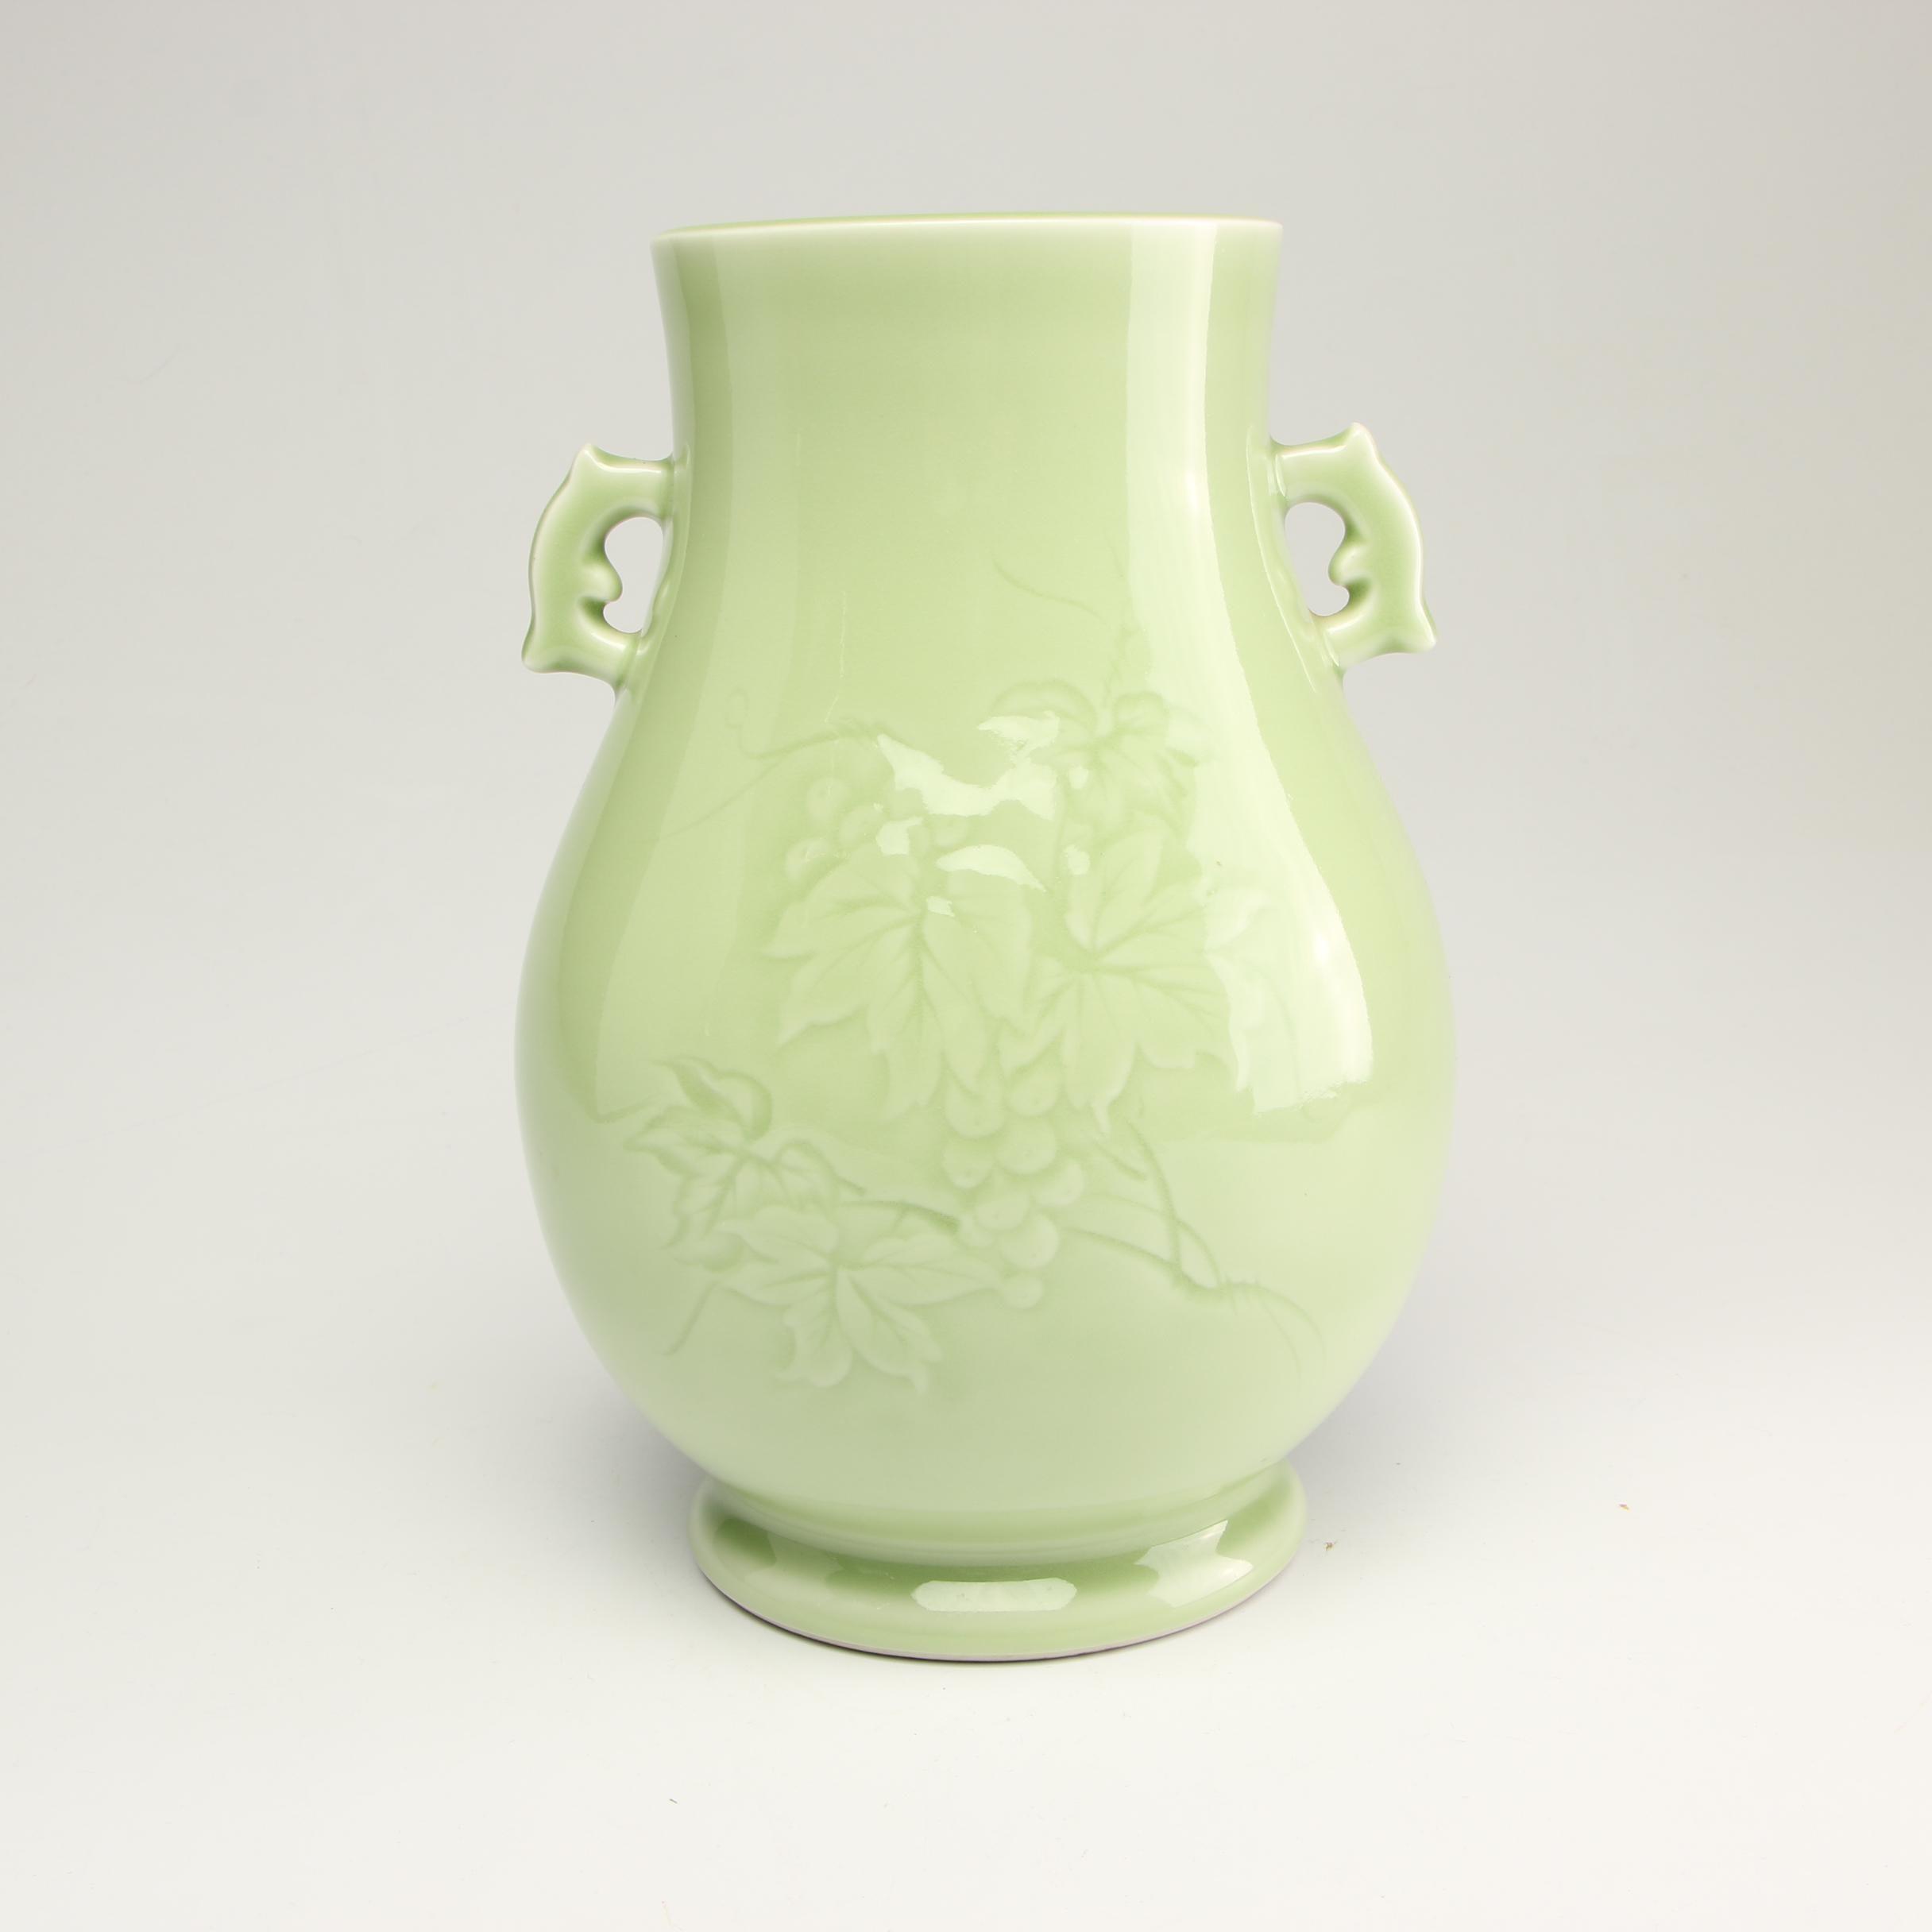 Chinese Porcelain Celadon Style Urn Vase